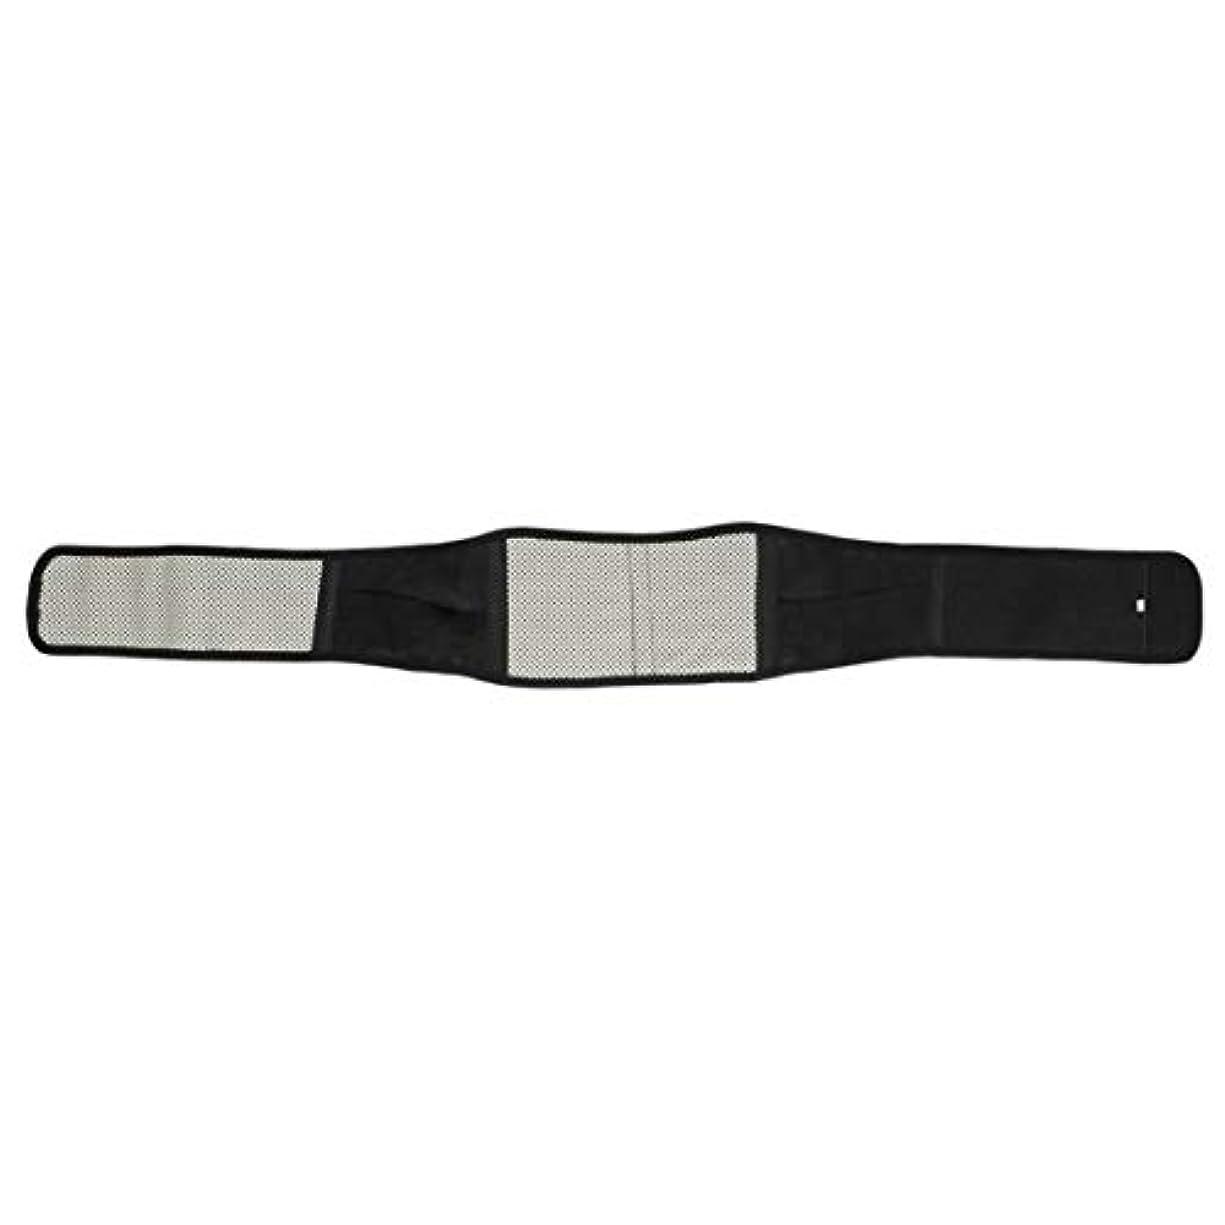 ベーシック電信彼ら腰部サポートマッサージャー赤外線磁気バックブレース自己発熱療法ウエストベルト調節可能な姿勢ベルト-ブラックM